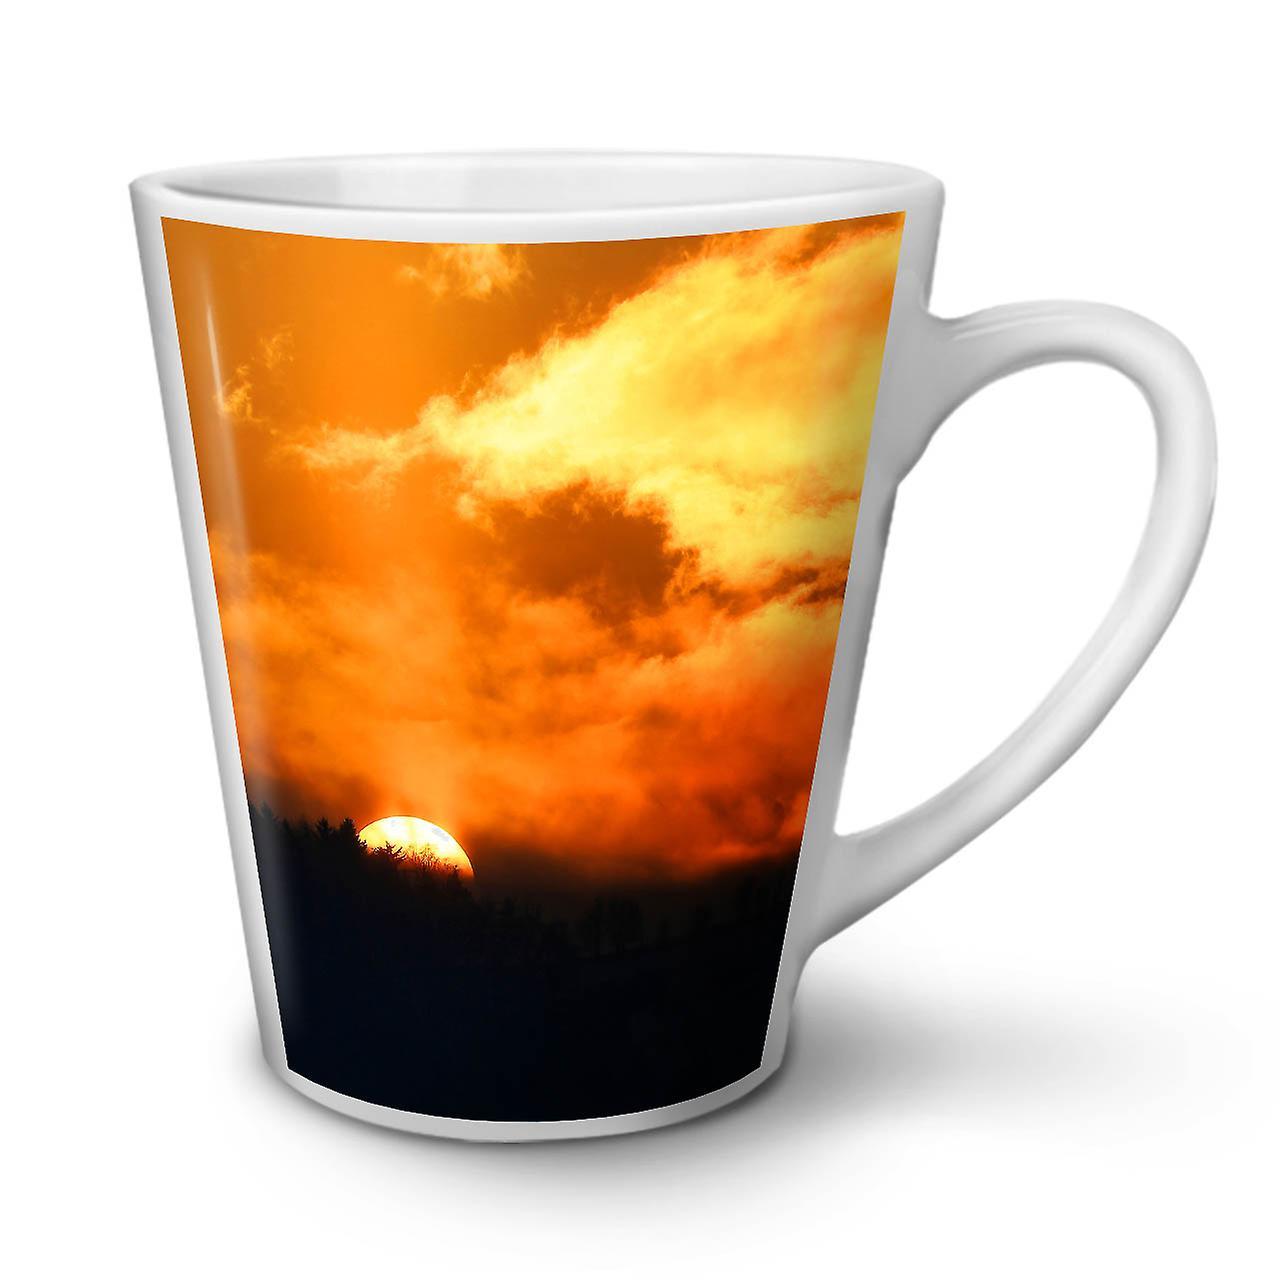 12 Café Latte Blanche OzWellcoda De Soleil En Tasse Coucher Nouvelle Céramique Horizon Nature UVzMpqS